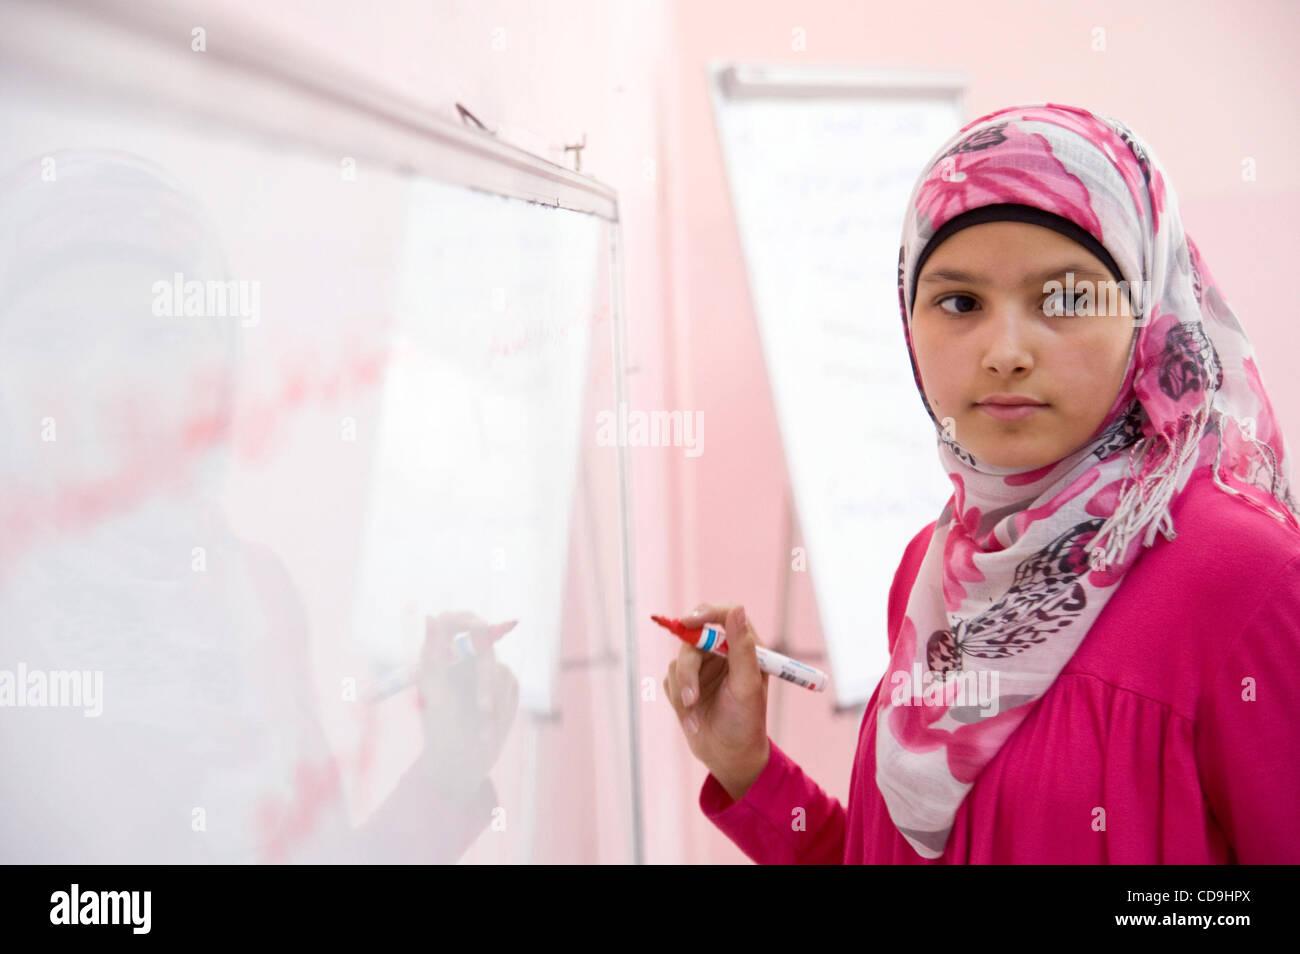 Julio 12, 2010 - Amman, Jordania - Julio 12, 2010 en Ammán, Jordania - Una chica completa una lección Imagen De Stock